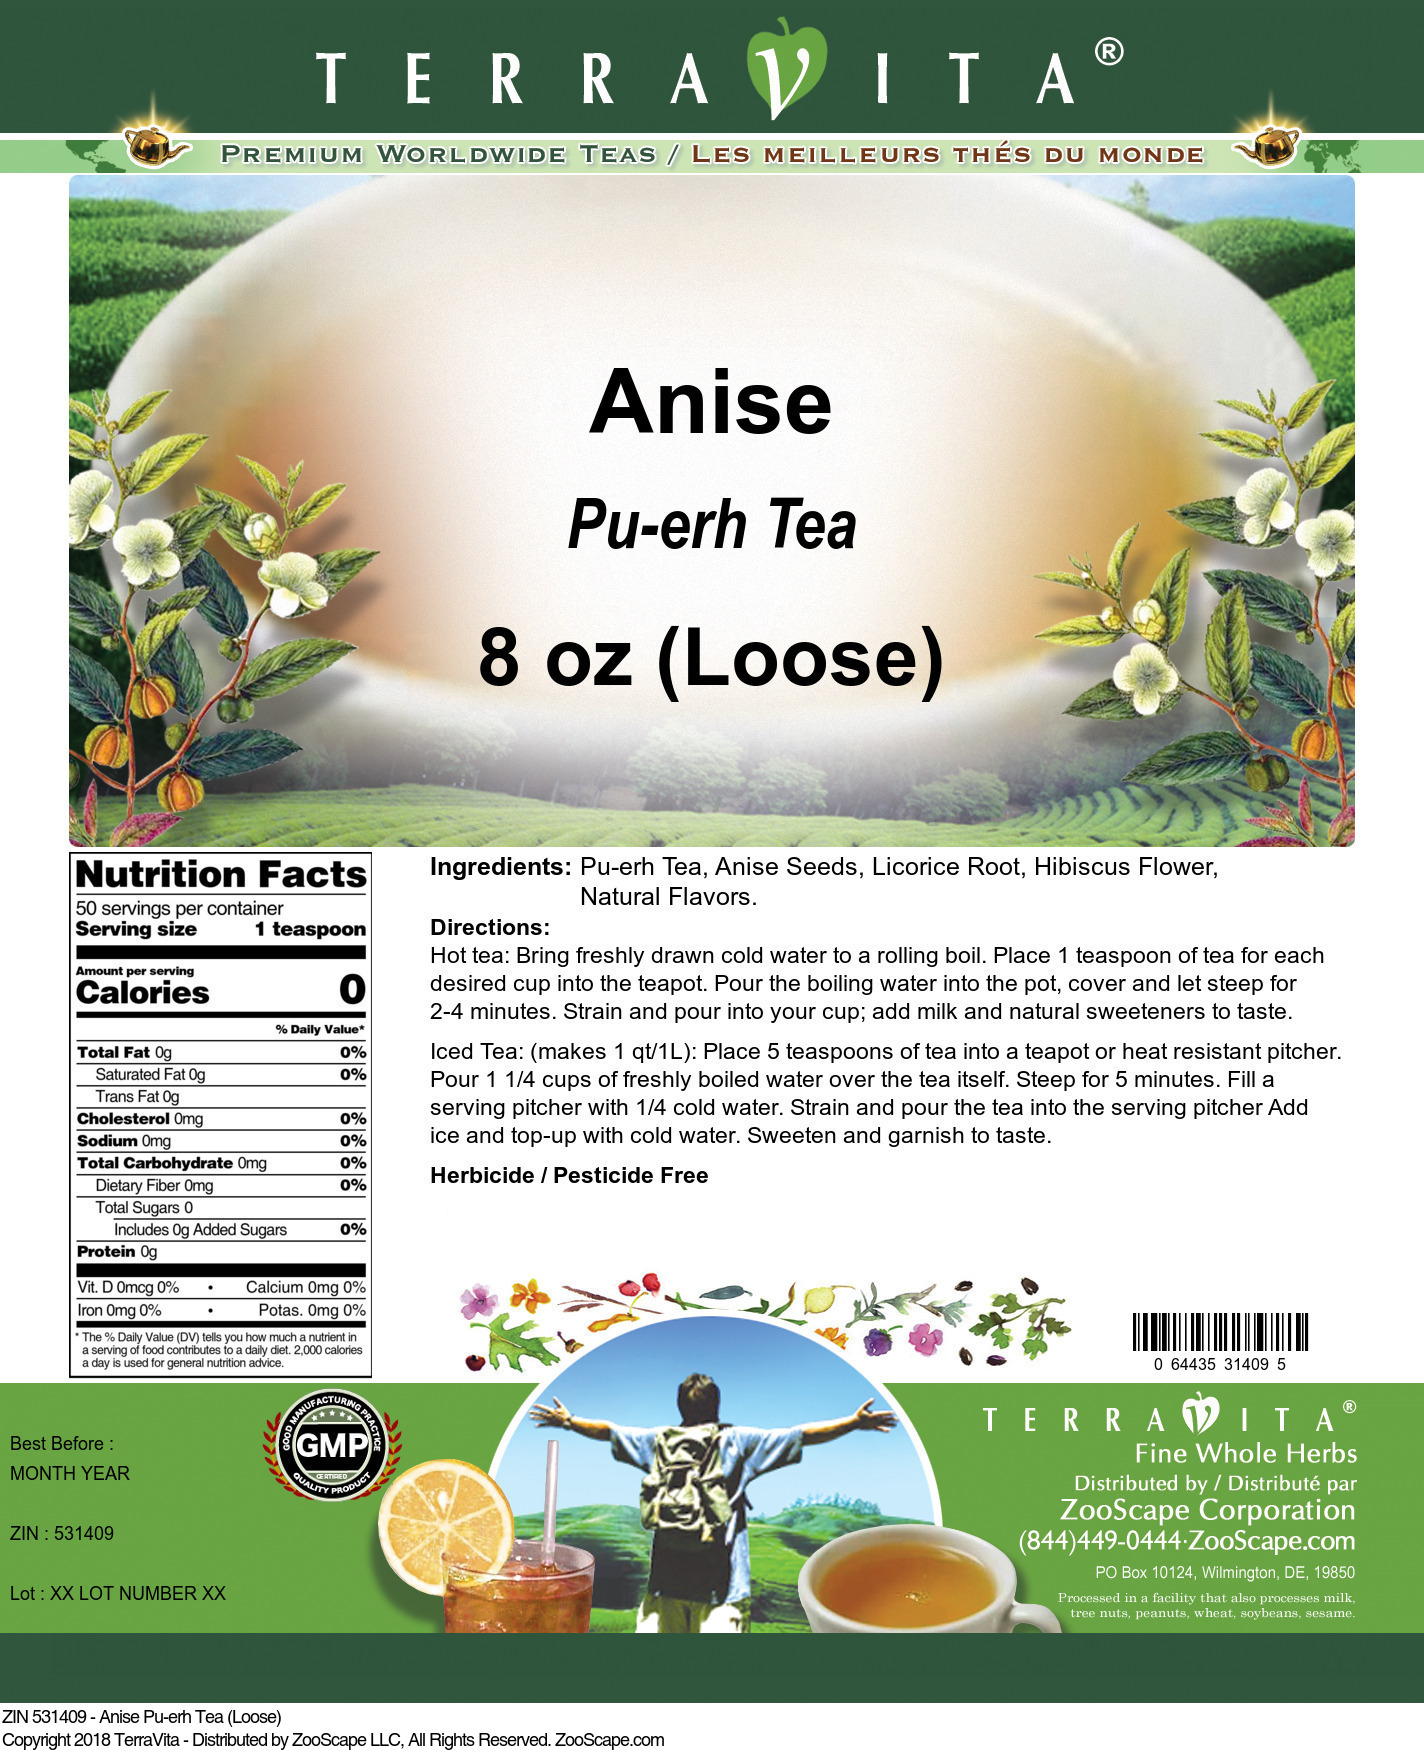 Anise Pu-erh Tea (Loose)